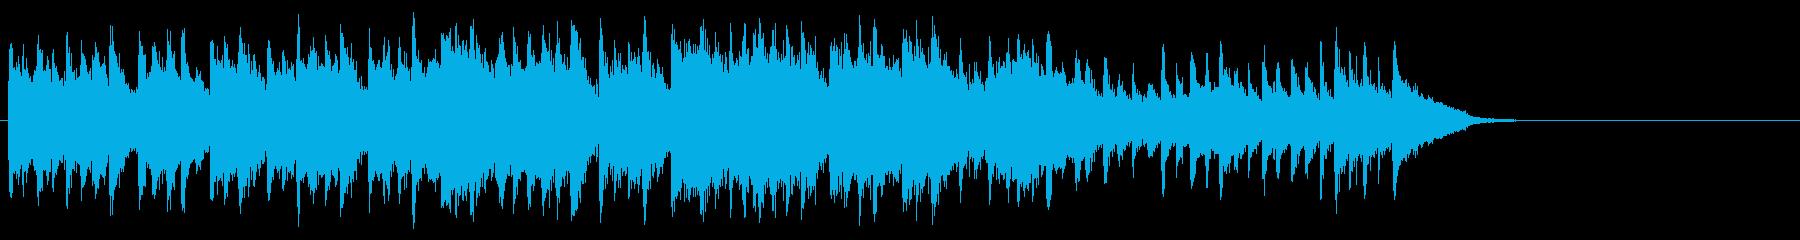 散歩する穏やかなポップス(サビ~エンド)の再生済みの波形